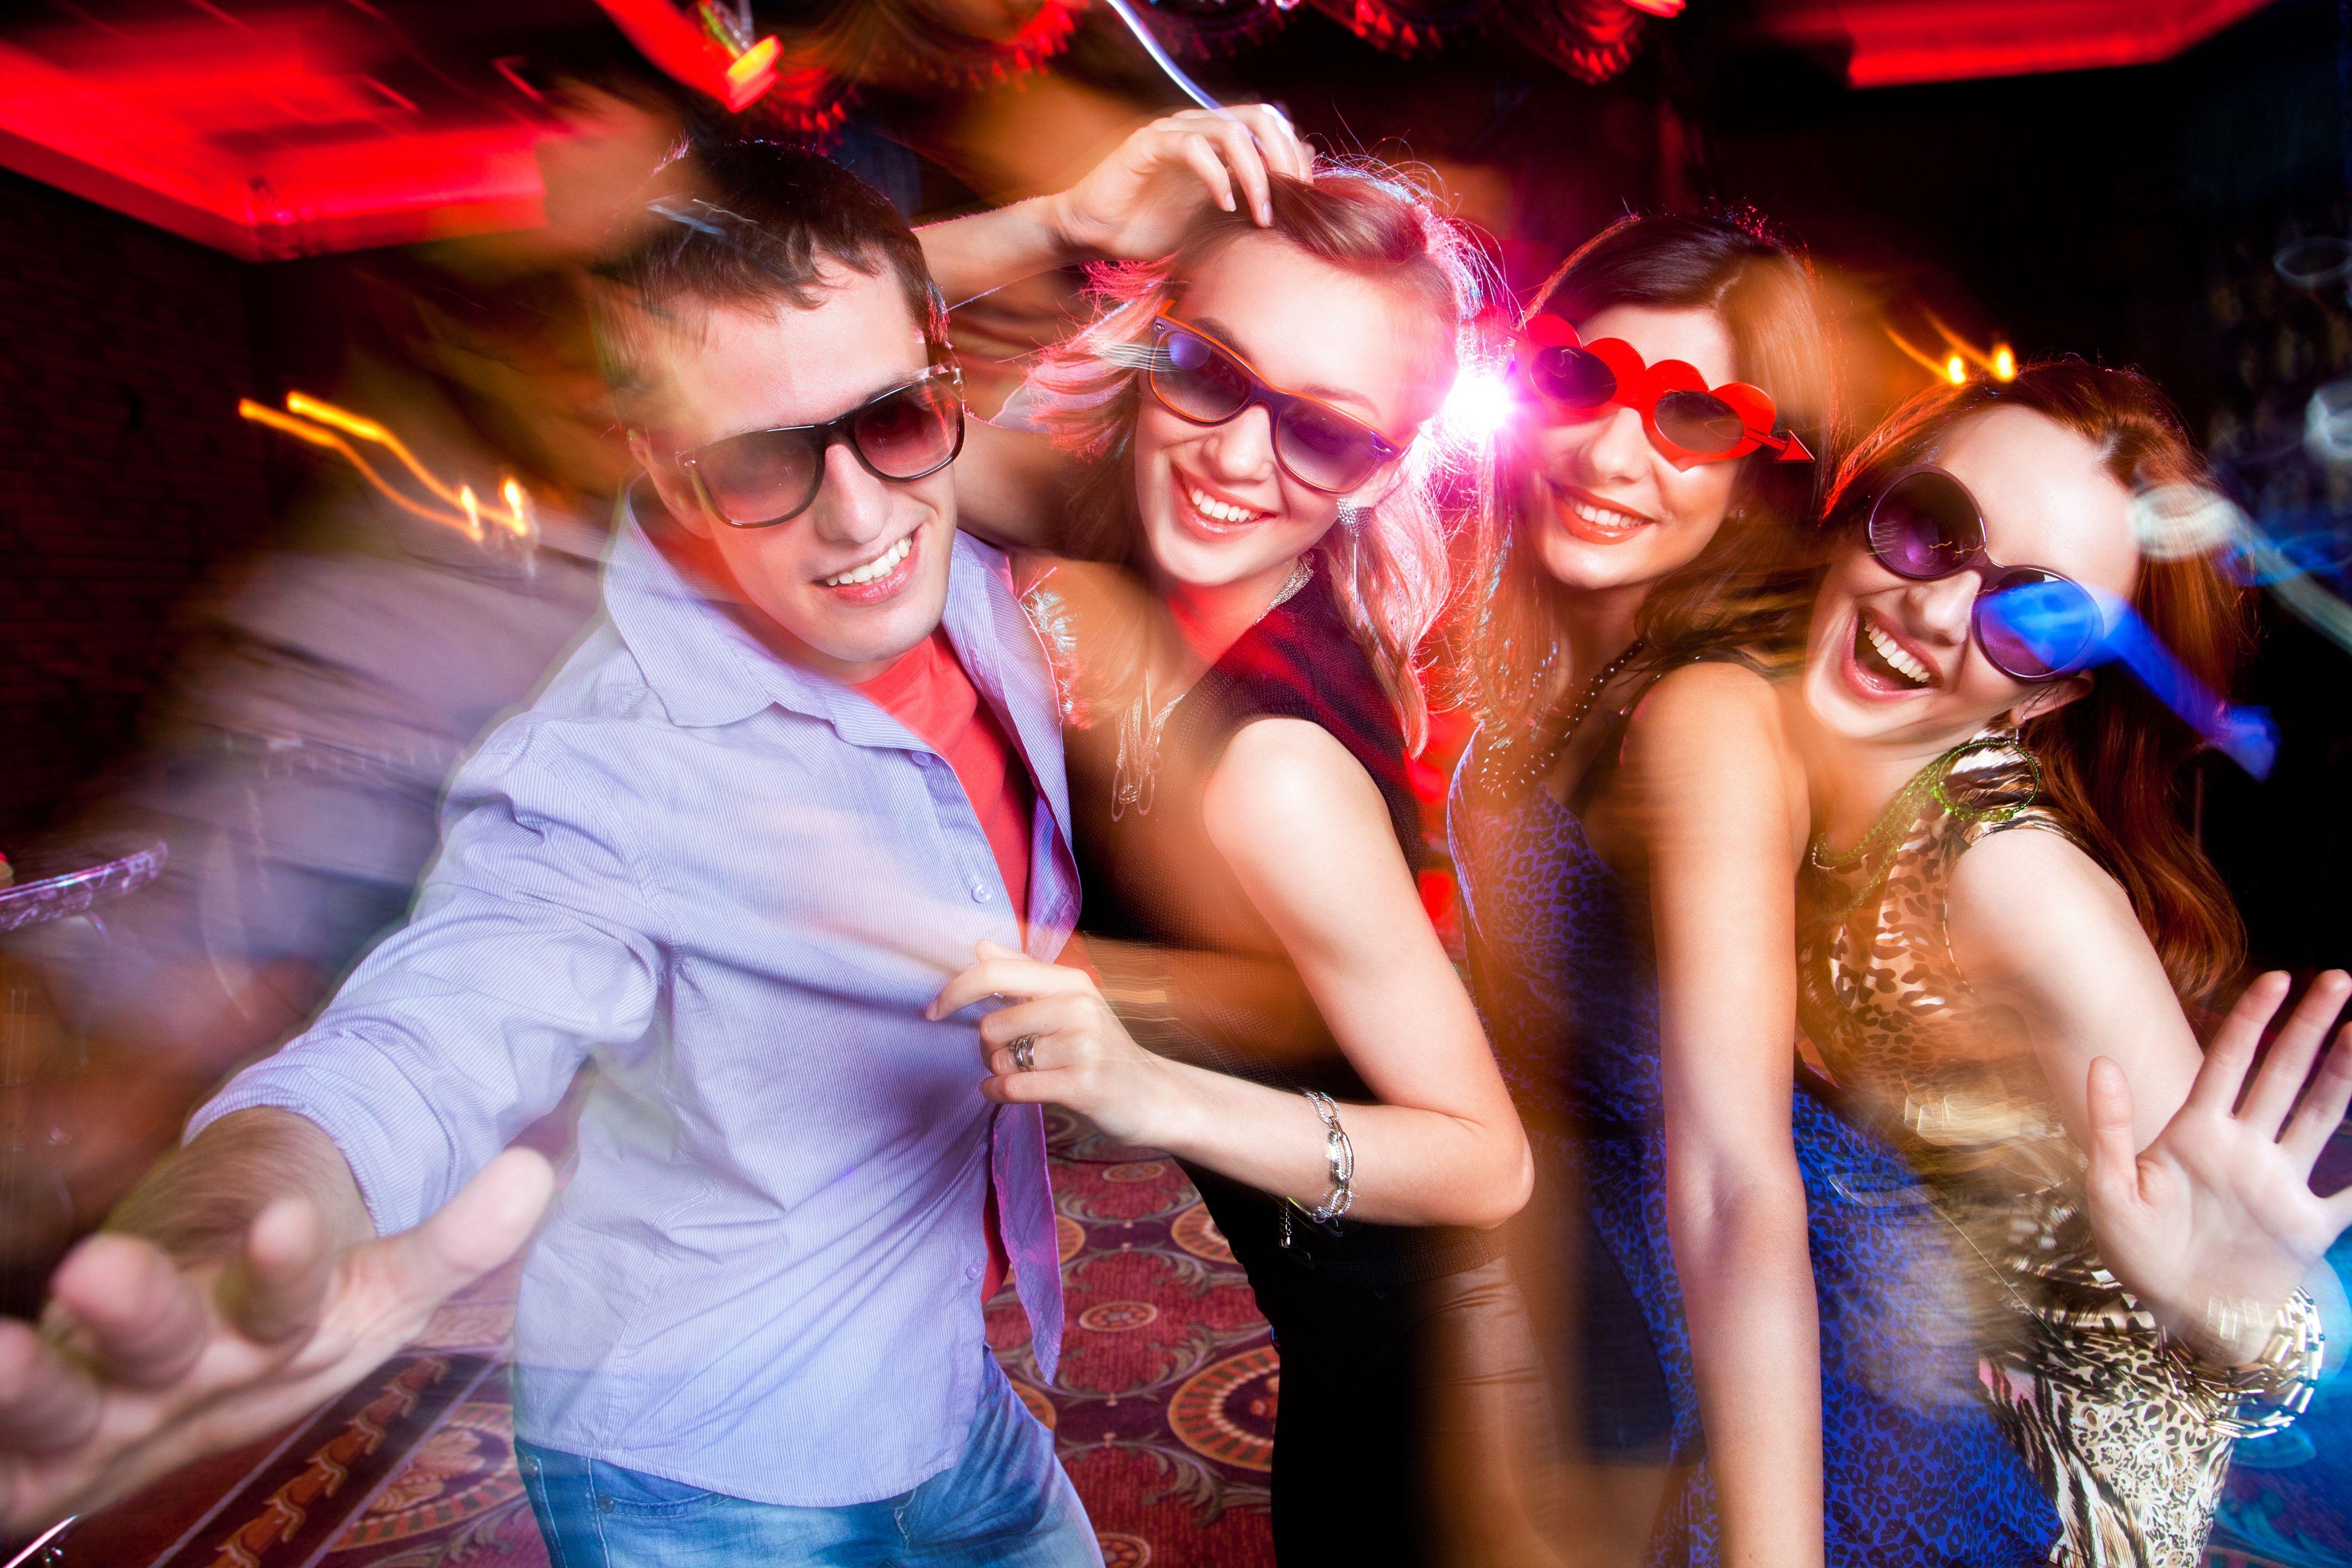 Развлечение женщин в ночных клубах 18 фотография